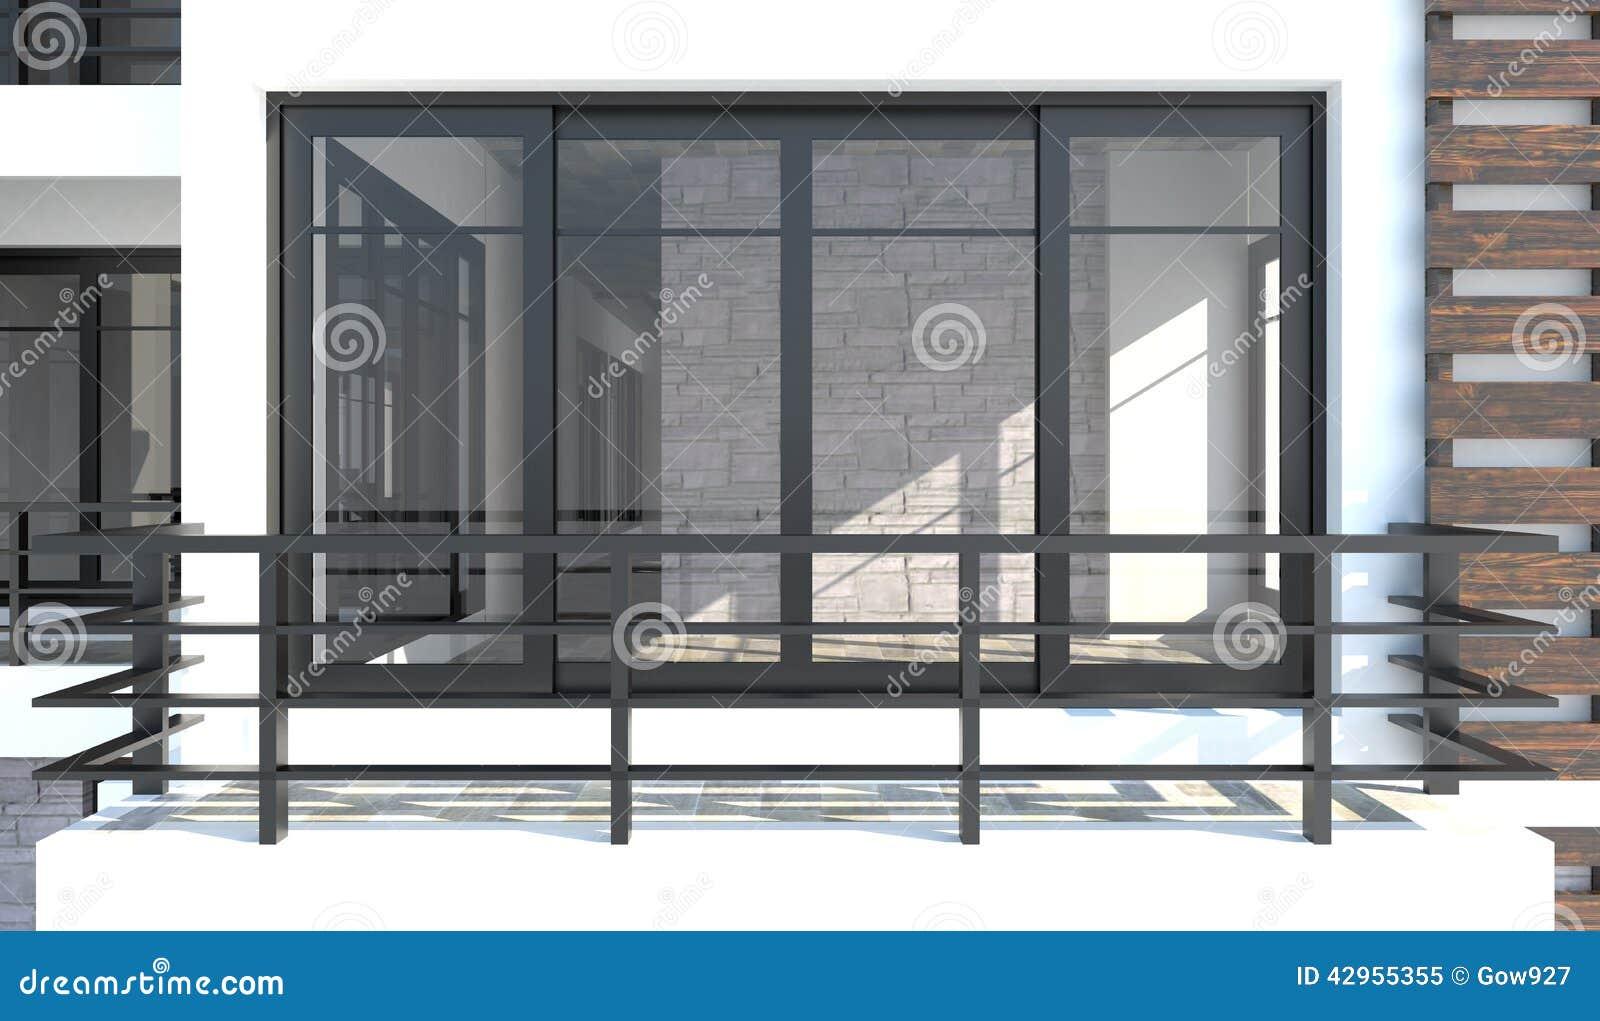 Pi ce 3d de la vue ext rieure devant le balcon c 39 est bot for Front balcony designs india